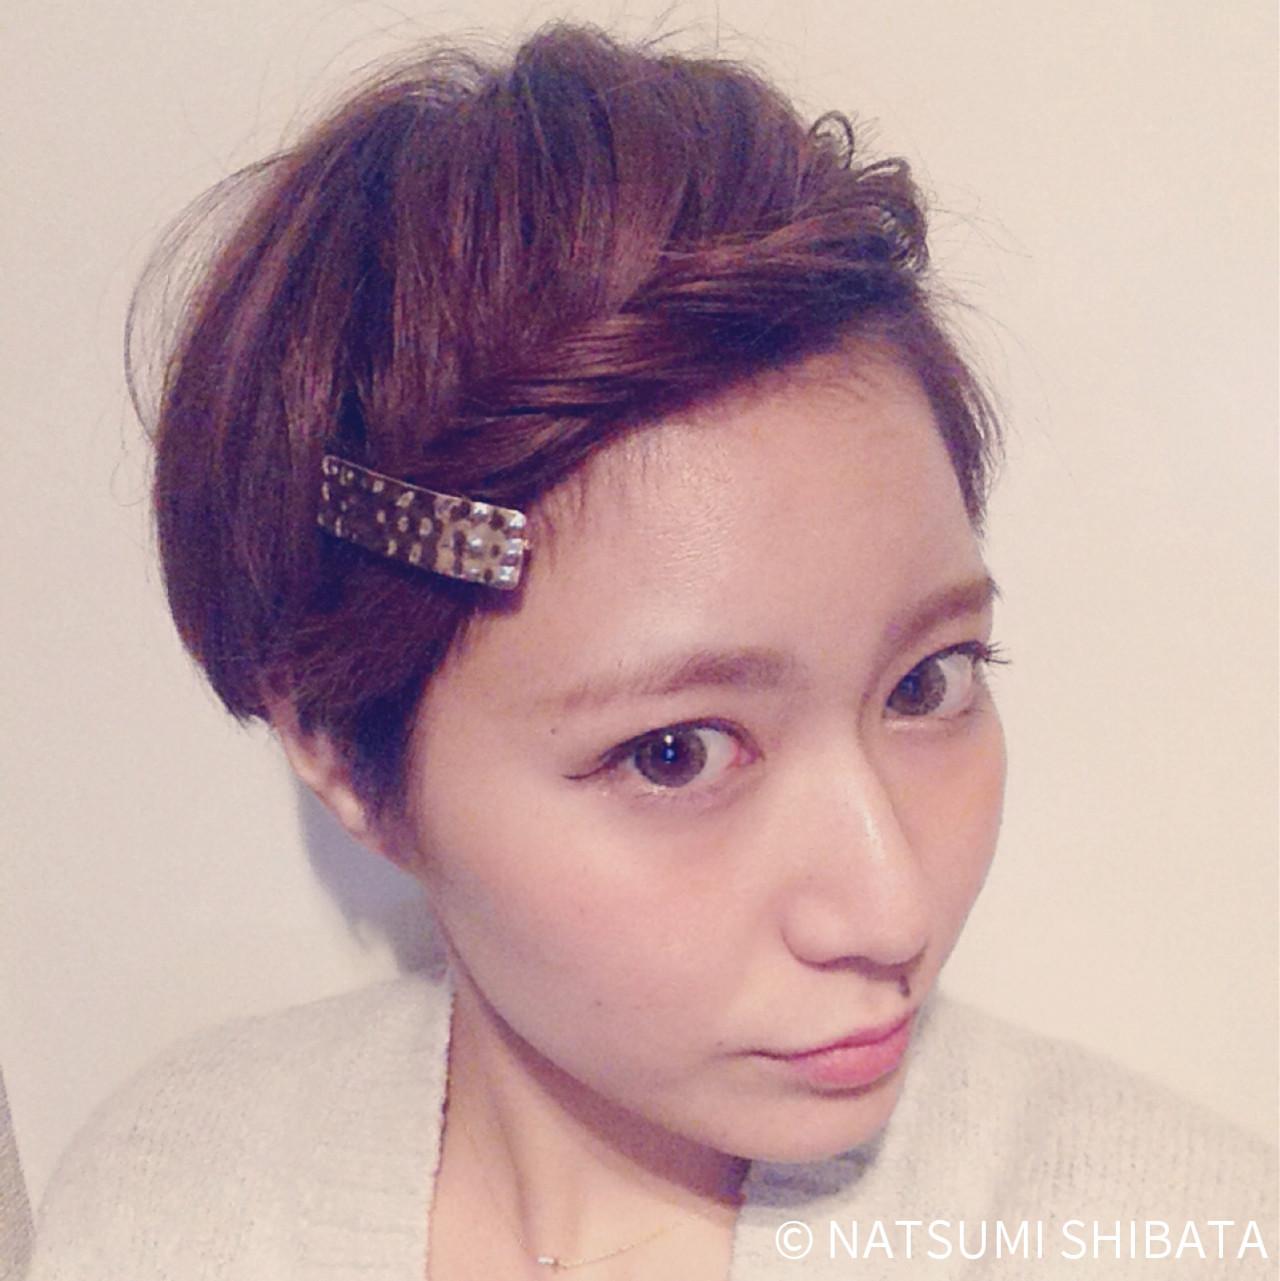 ショートでもできるヘアセット♡不器用さんにもおすすめ可愛いスタイリング術 NATSUMI SHIBATA